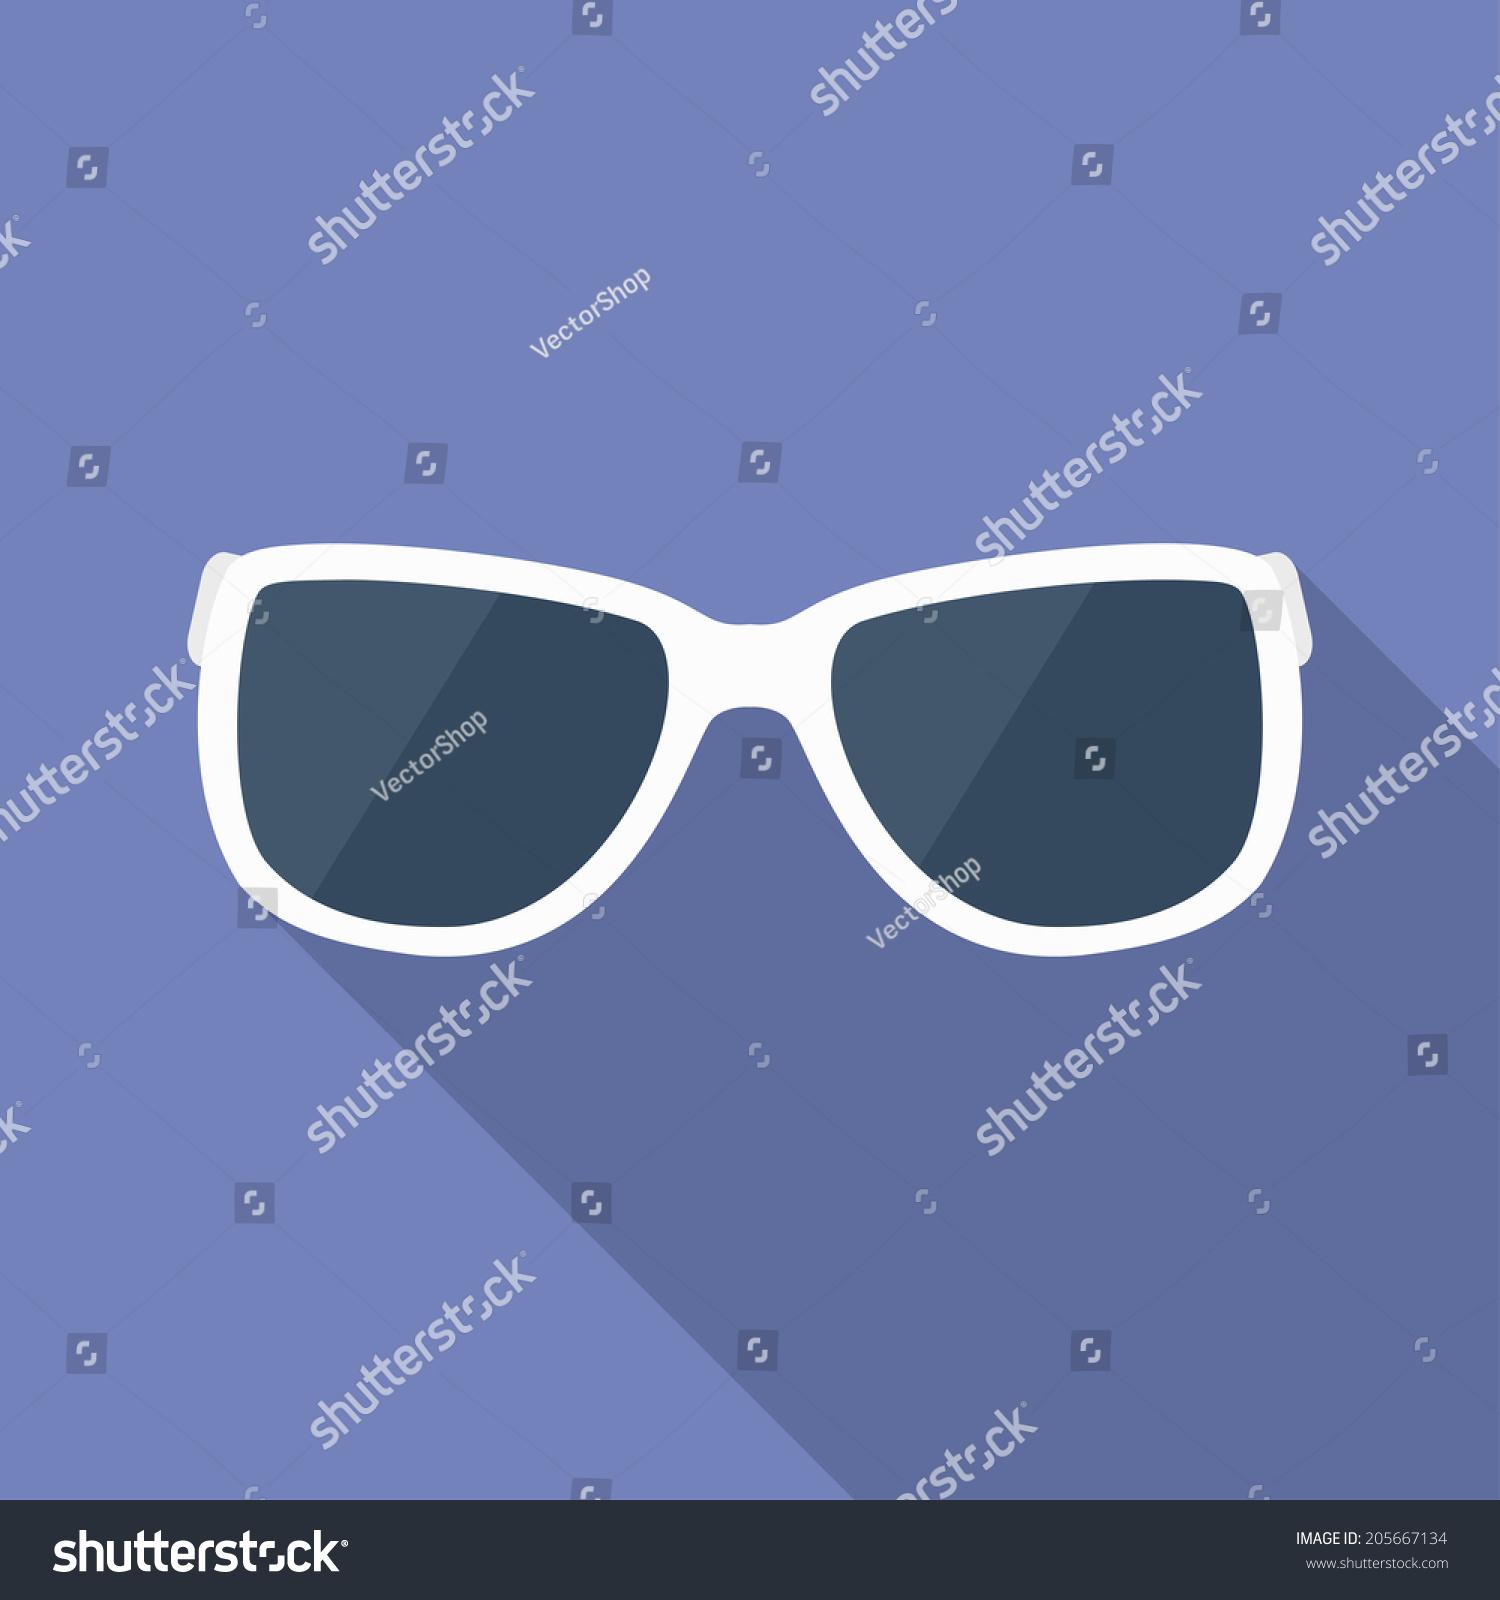 Sunglasses Icon Glasses Symbol Stock Vector 205667134 Shutterstock